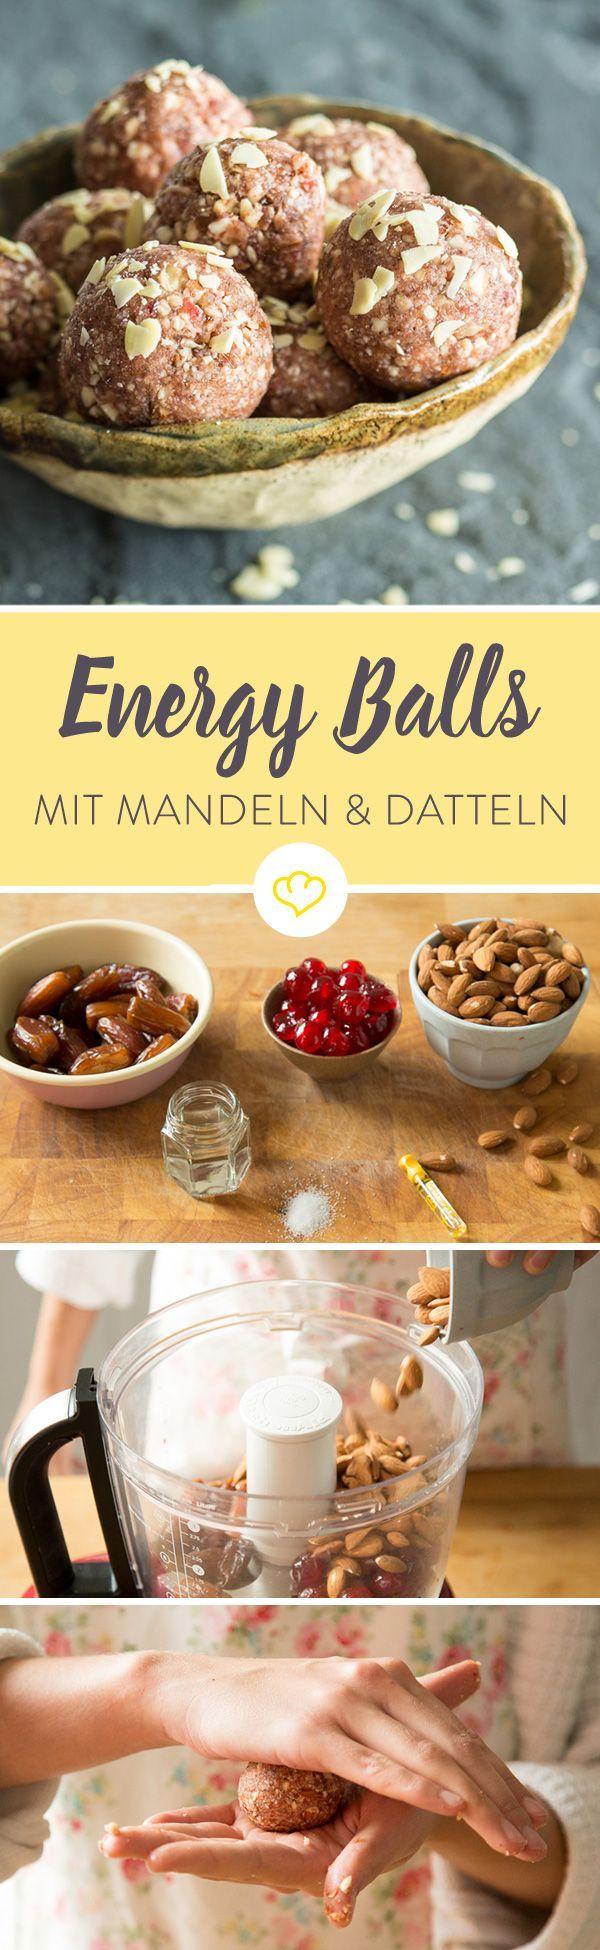 Balls oder gesunde Pralinen Gegen das Nachmittagstief oder einfach so: Energy Balls machen glücklich. Du kannst deine gesunden Pralinen nach Herzenslust verfeinern.1844 in music